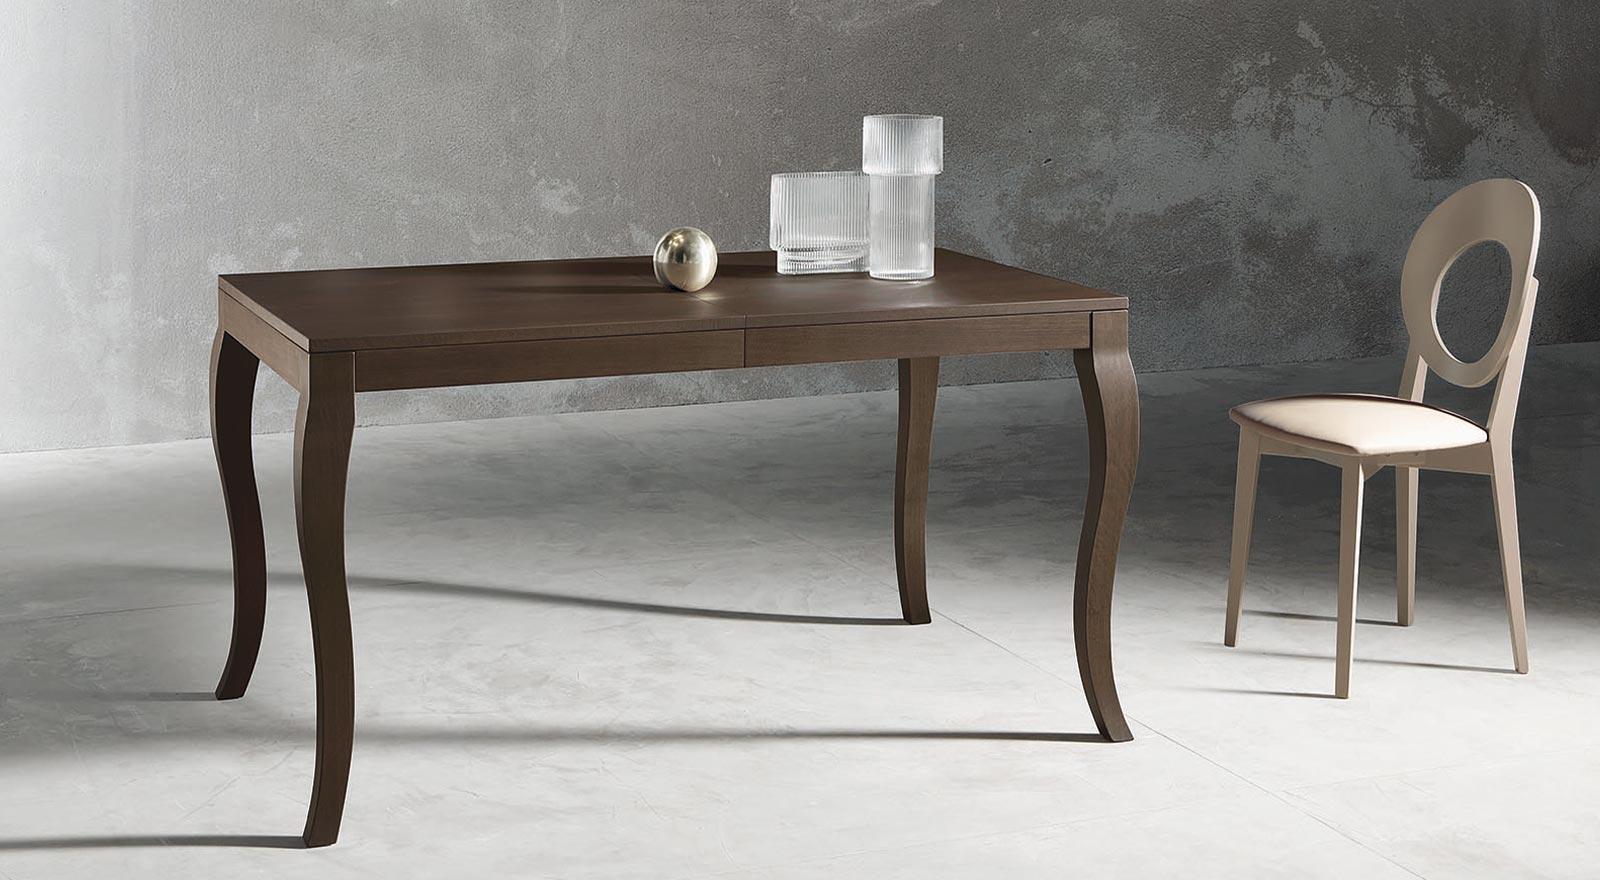 Tavoli Di Arredo Benedetti Srl Design E Lavorazioni Artigianali